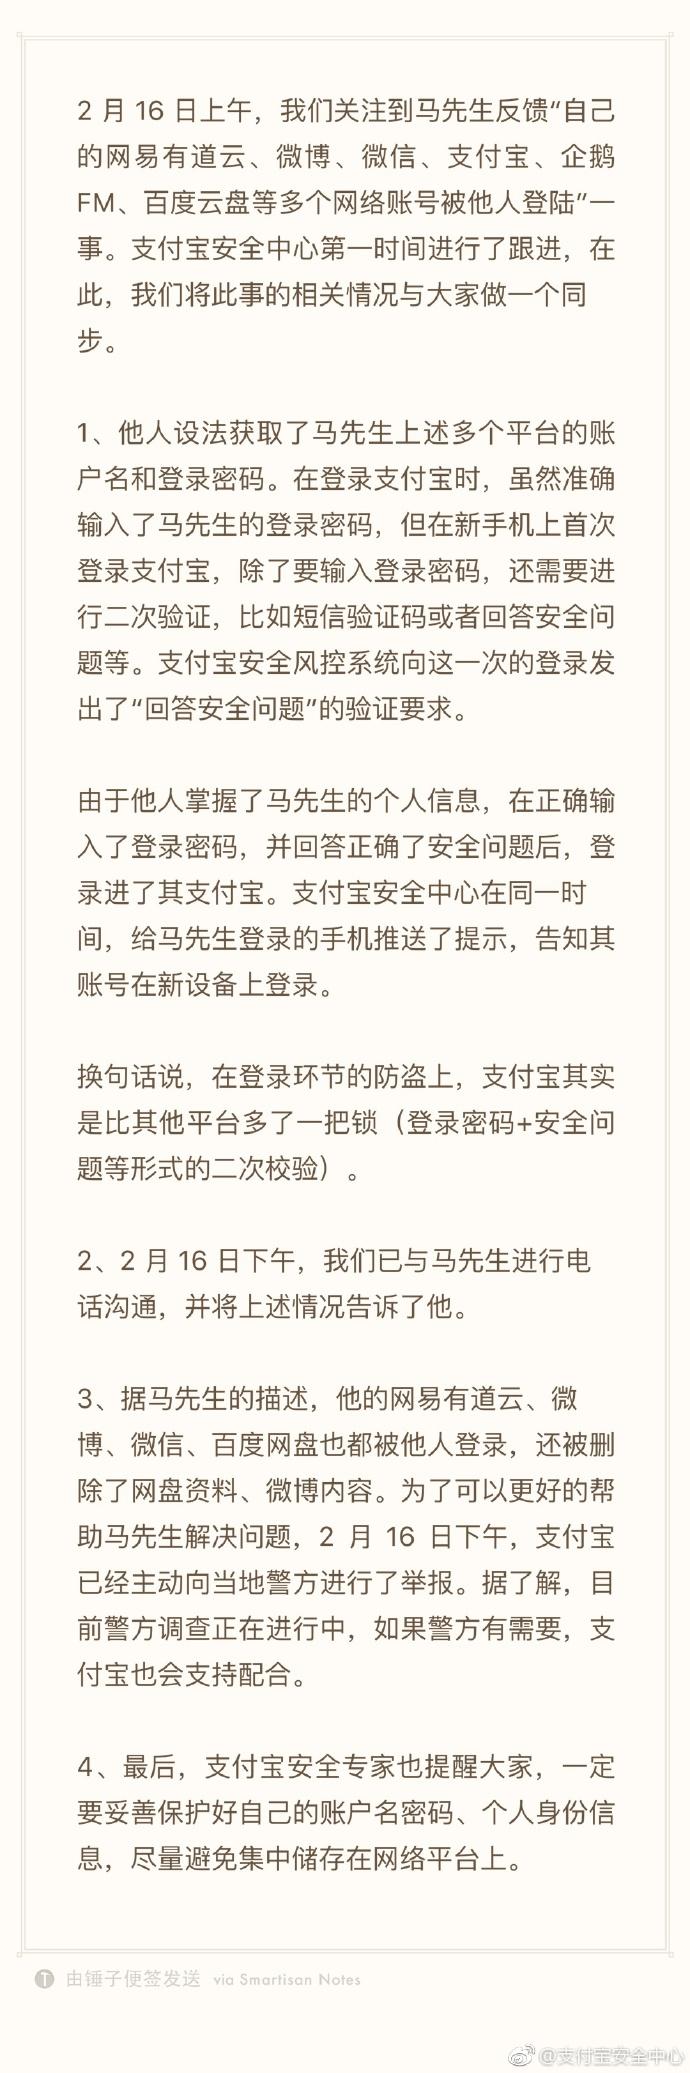 网友微信/支付宝/百度云盘等账号集体被盗 支付宝官方回应